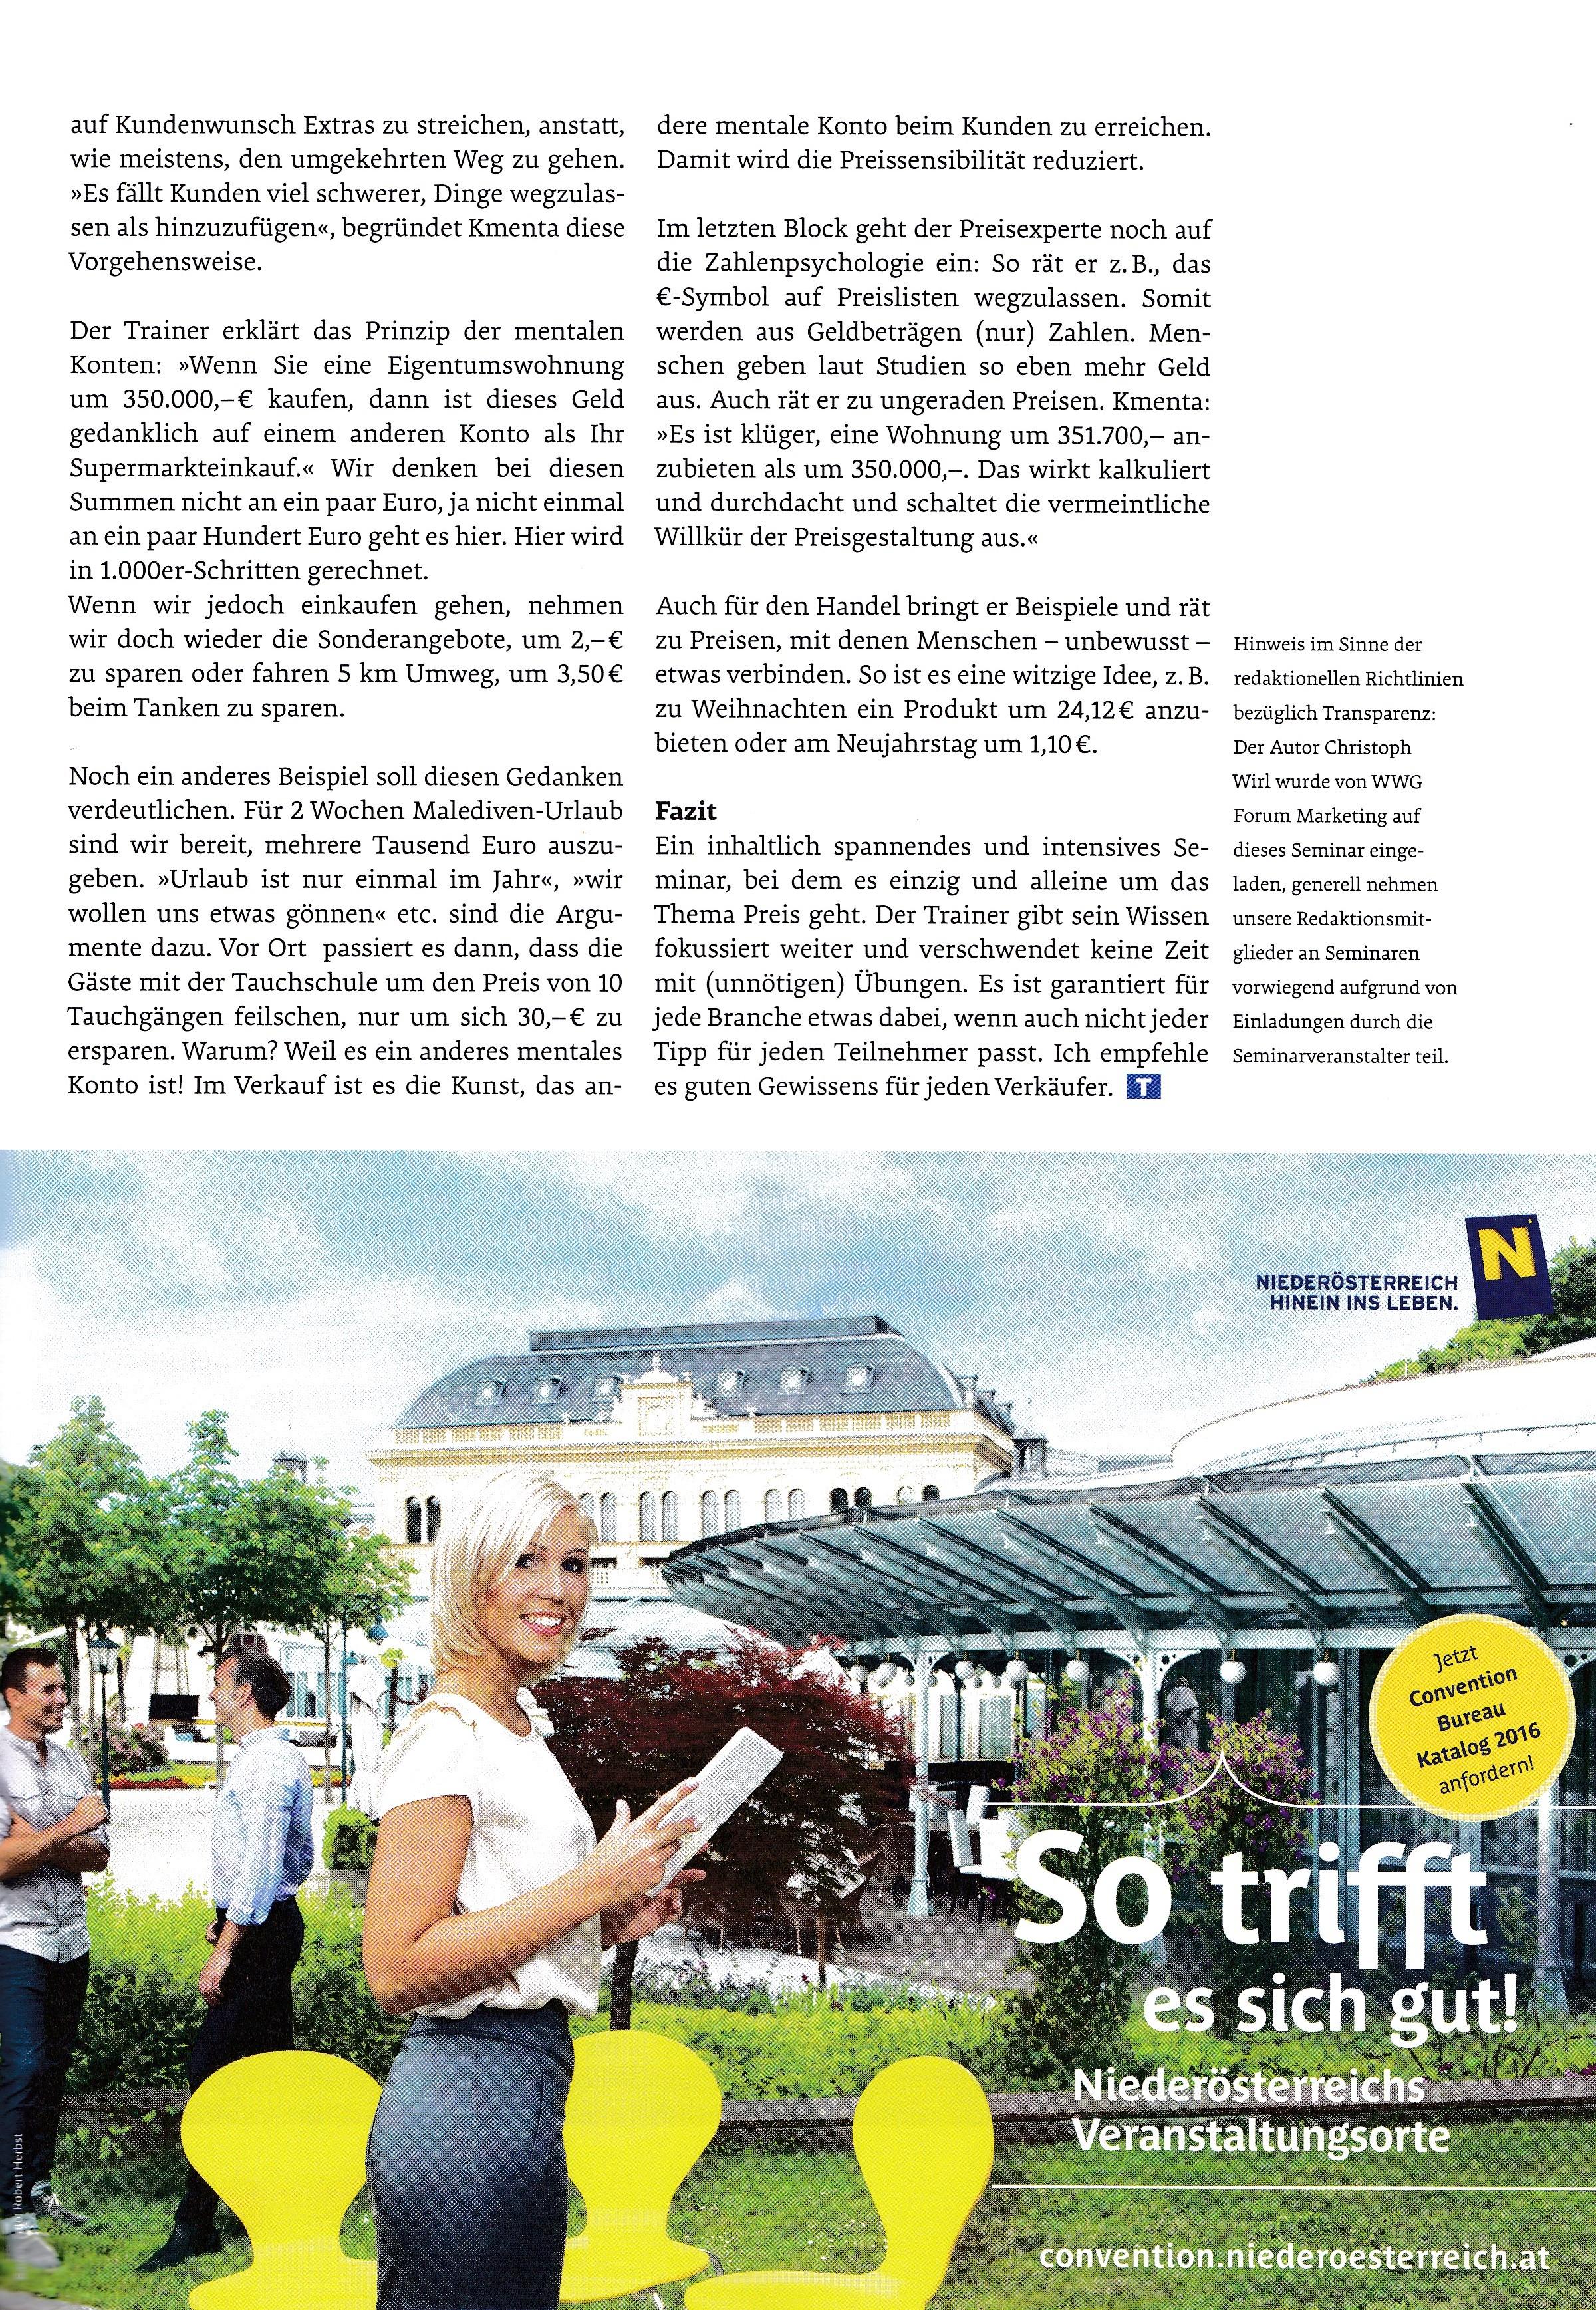 TRAINING Magazin - Seite 2 - Roman Kmenta - Vortragsredner und Autor